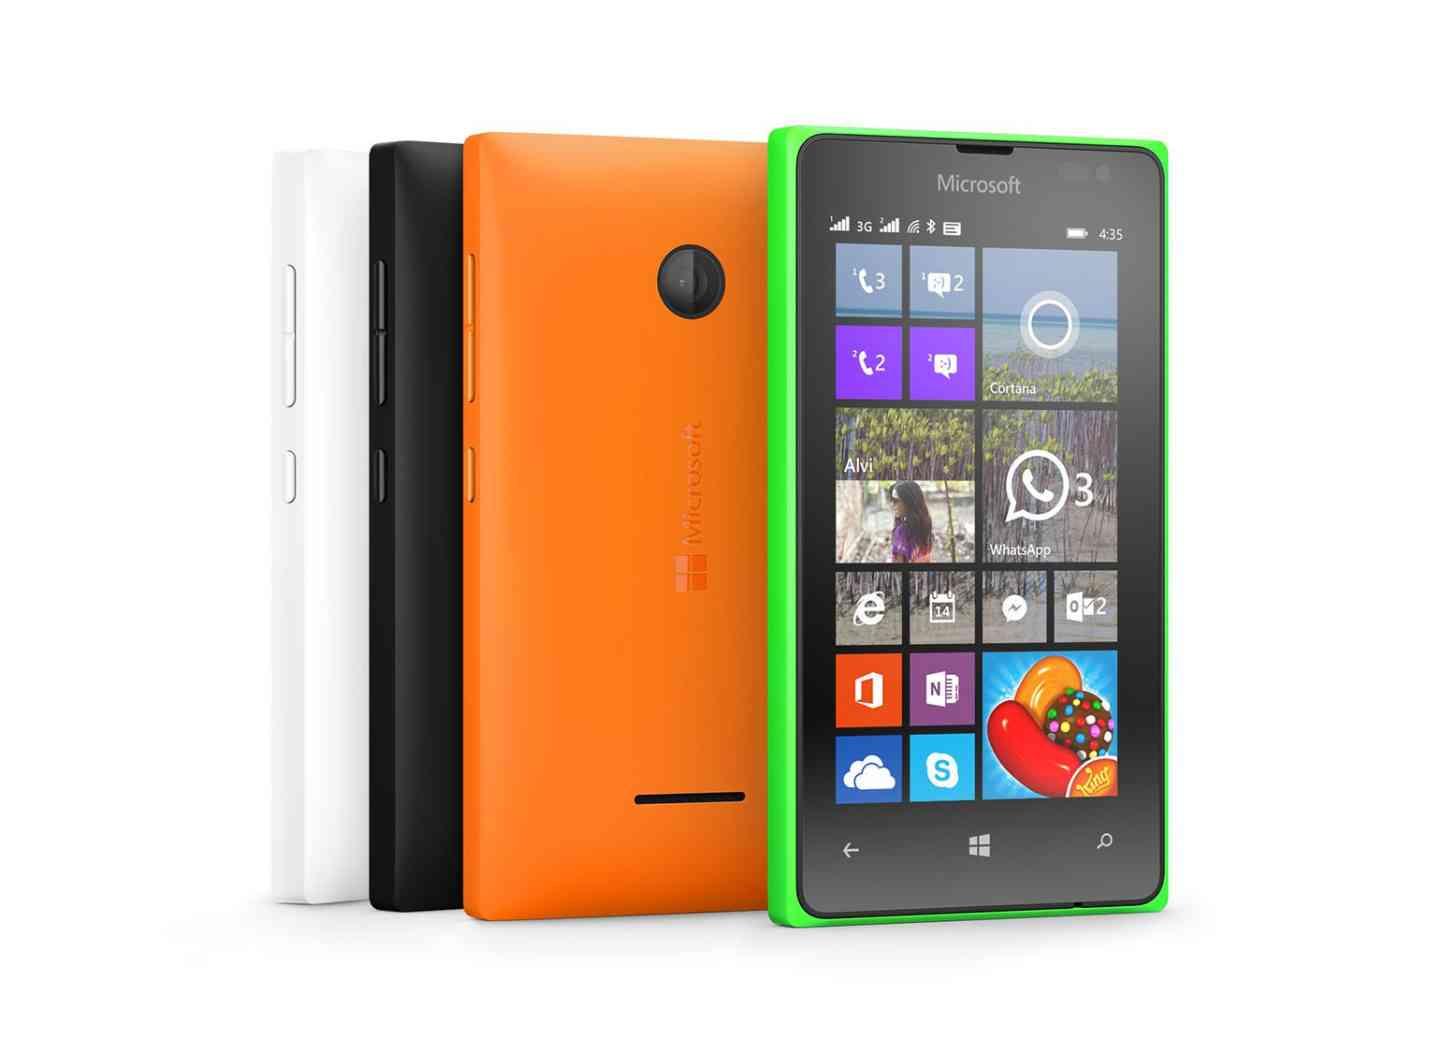 Microsoft Lumia 435 official